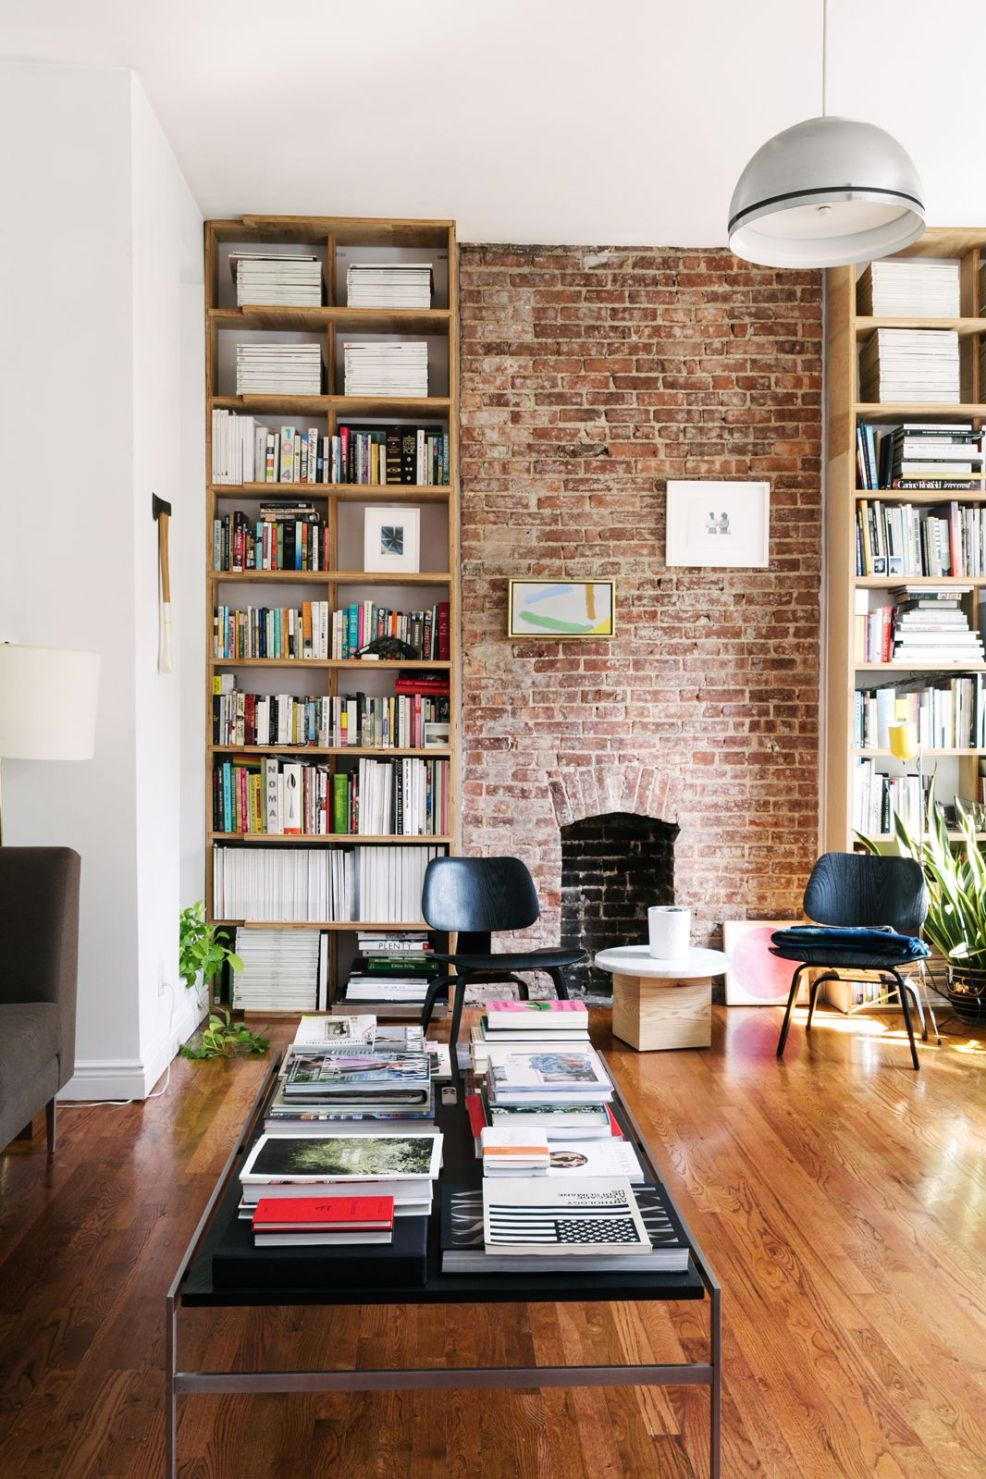 7 Conseils Pour Amenager Un Mur En Bibliotheque Le Blog